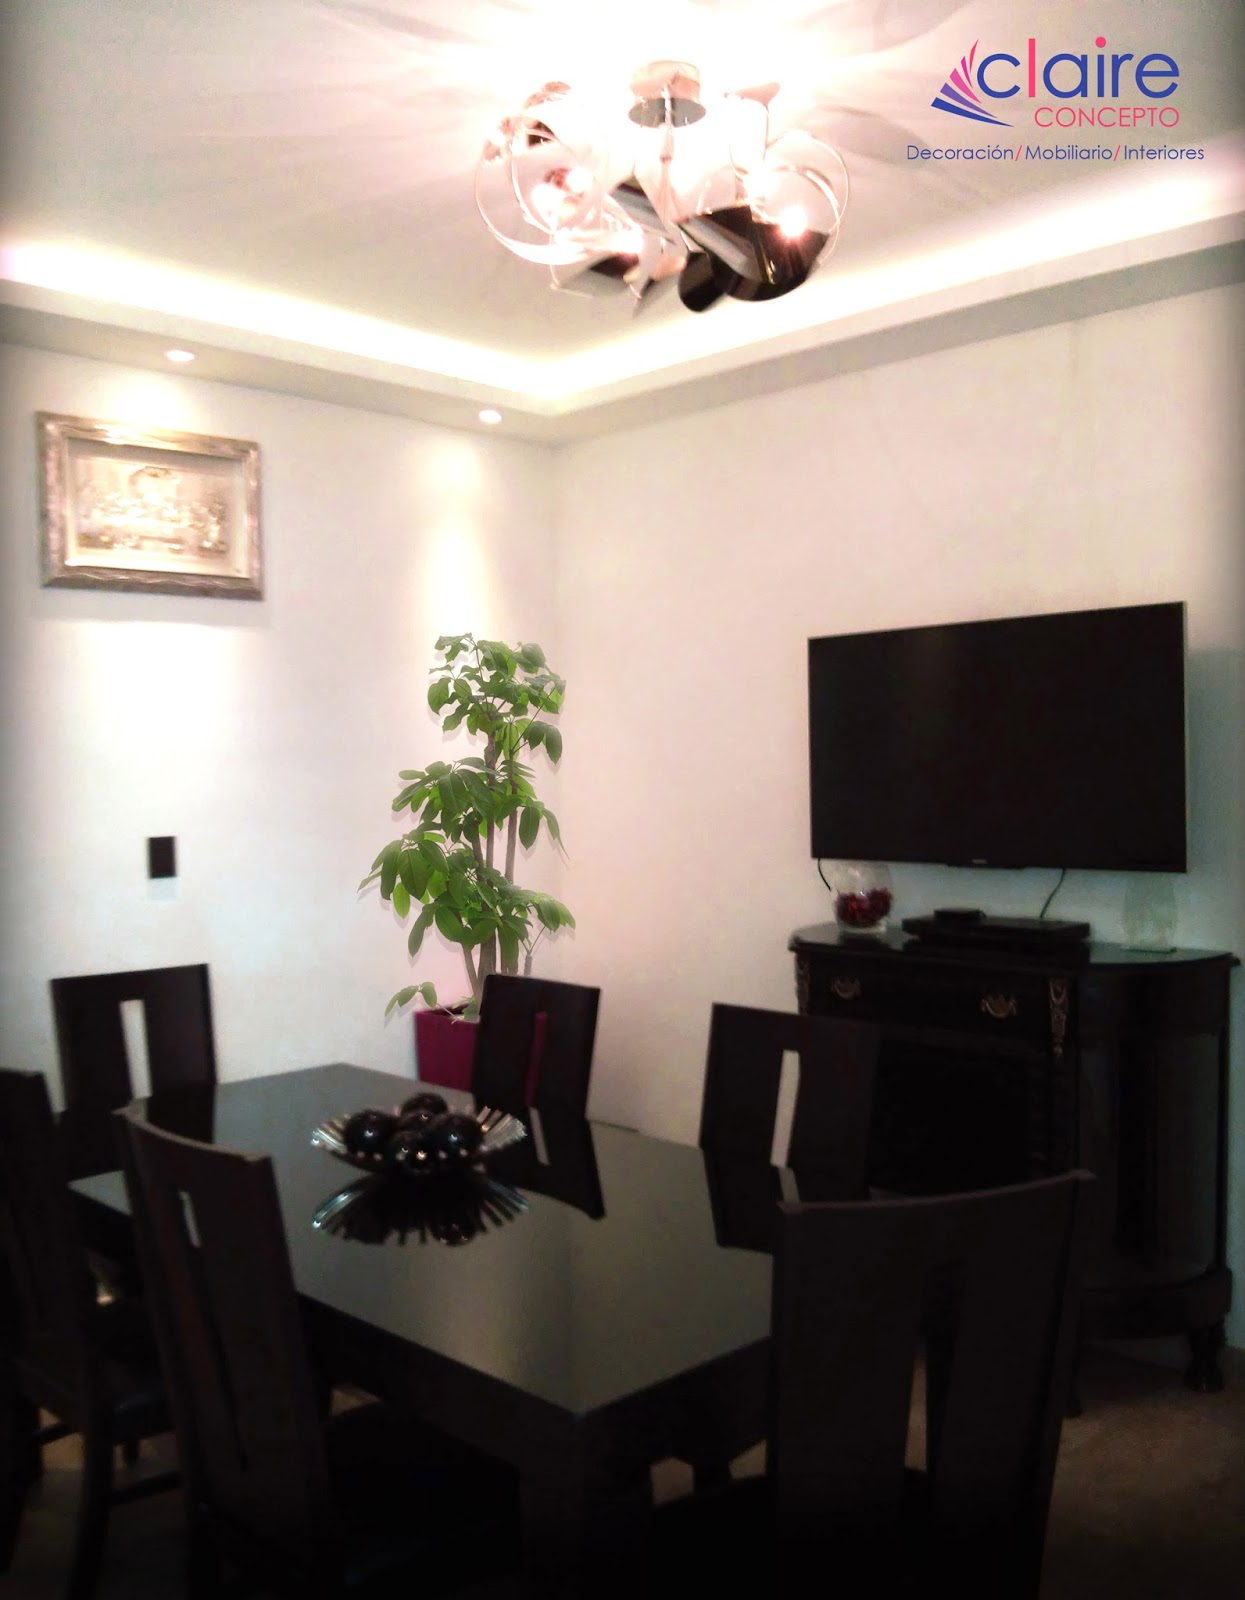 Remodelaci n de casas plafones de tablaroca muebles for Disenos de interiores en tablaroca